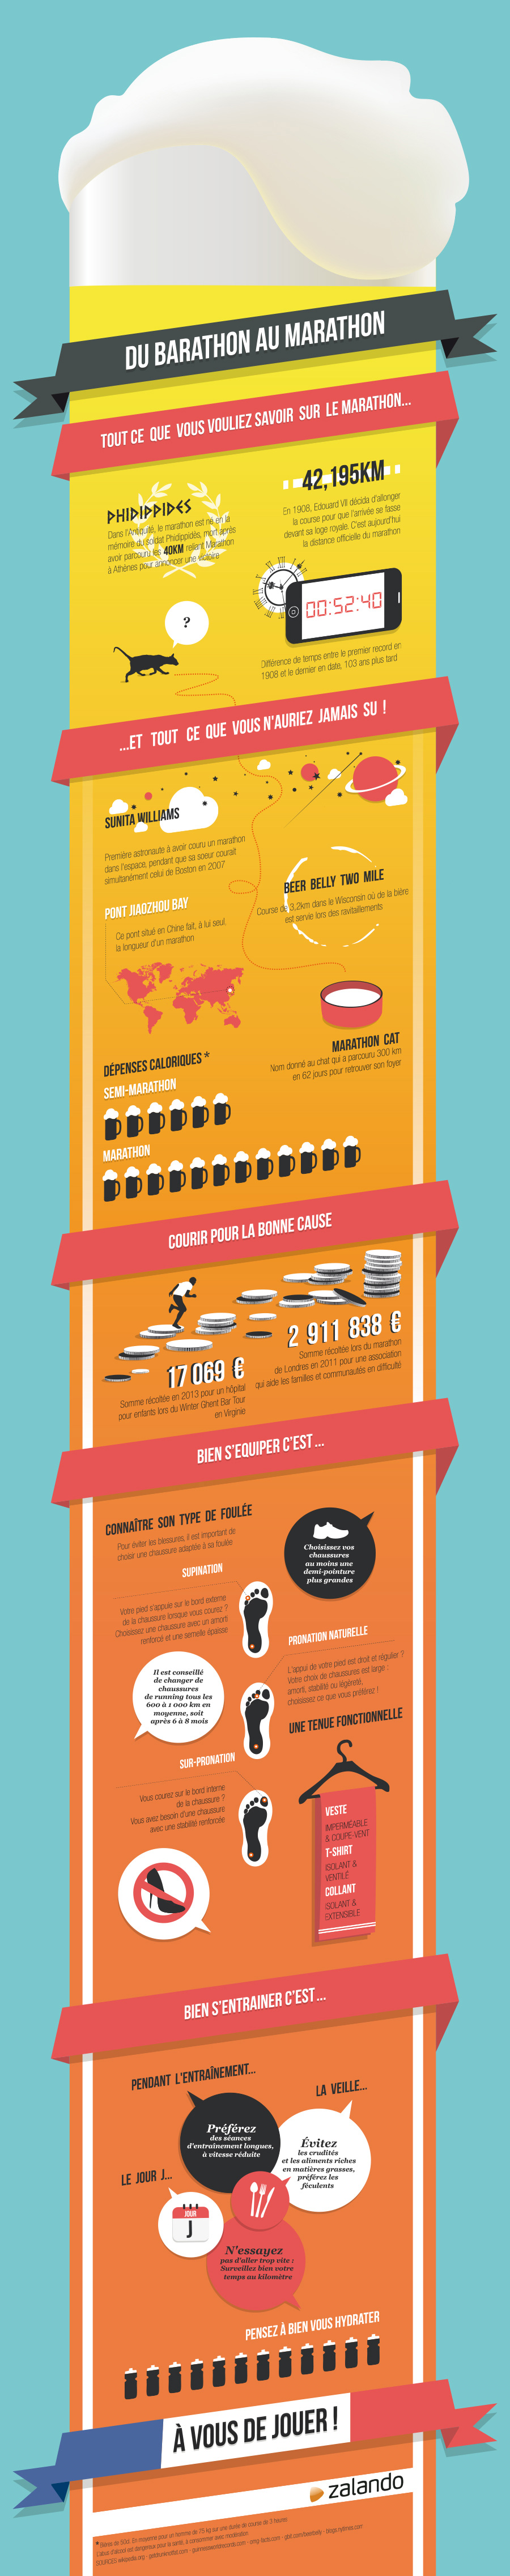 Infographie ZALANDO